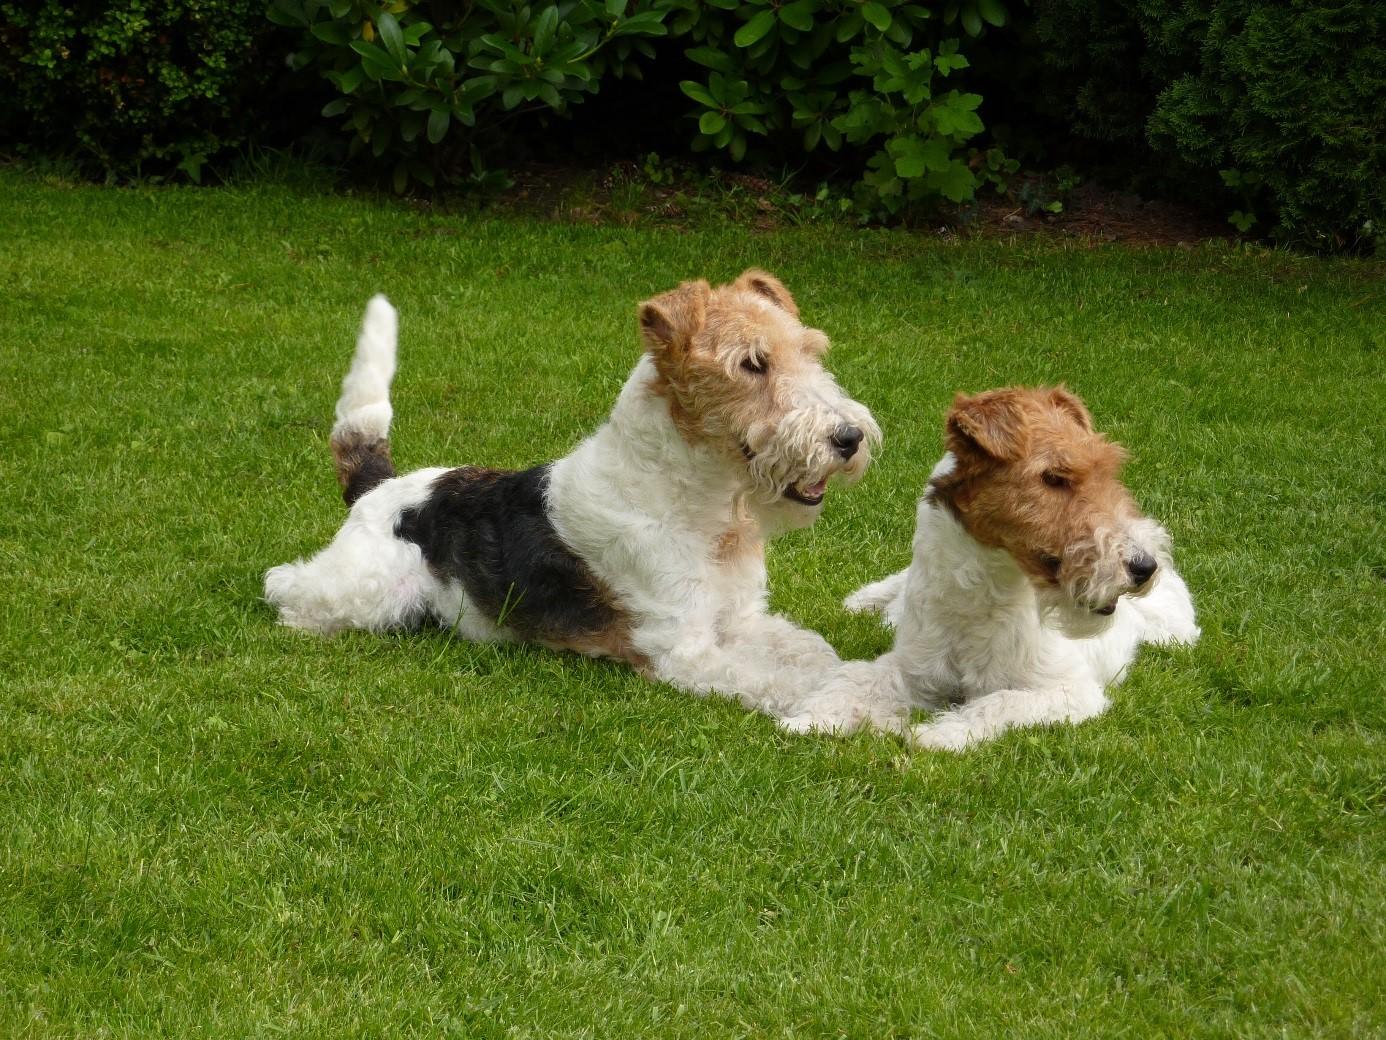 Quovadis und Yolin, meine beiden Drahthaar-Foxterrier. Fotos: B. Werdier, Everswinkel